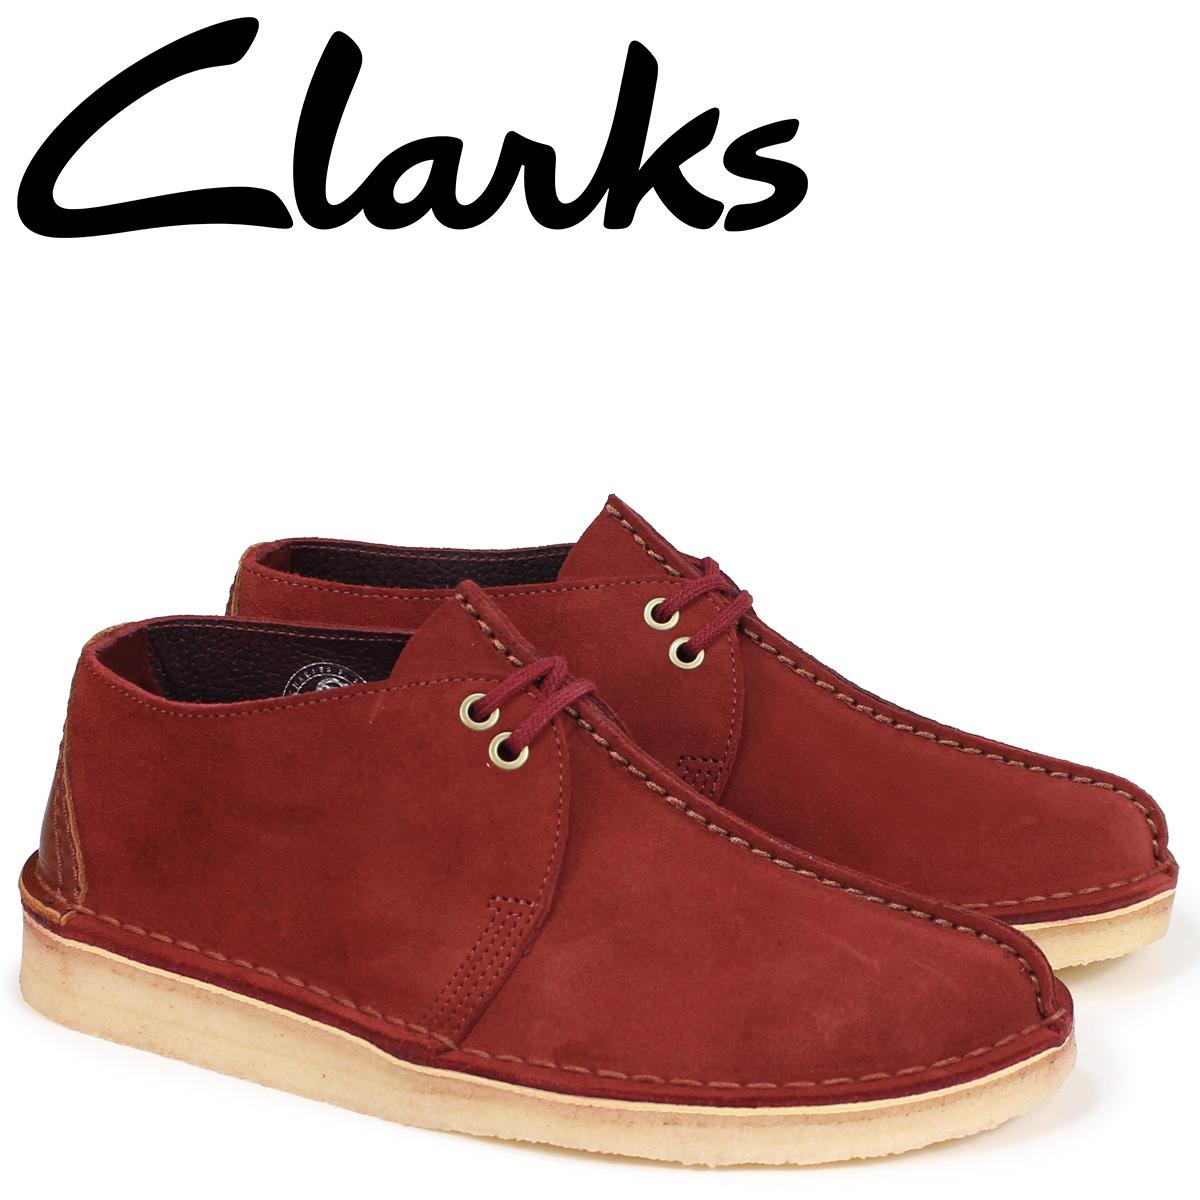 26134763 Men's Sizes Clarks Originals Desert Trek Suede Nut Brown